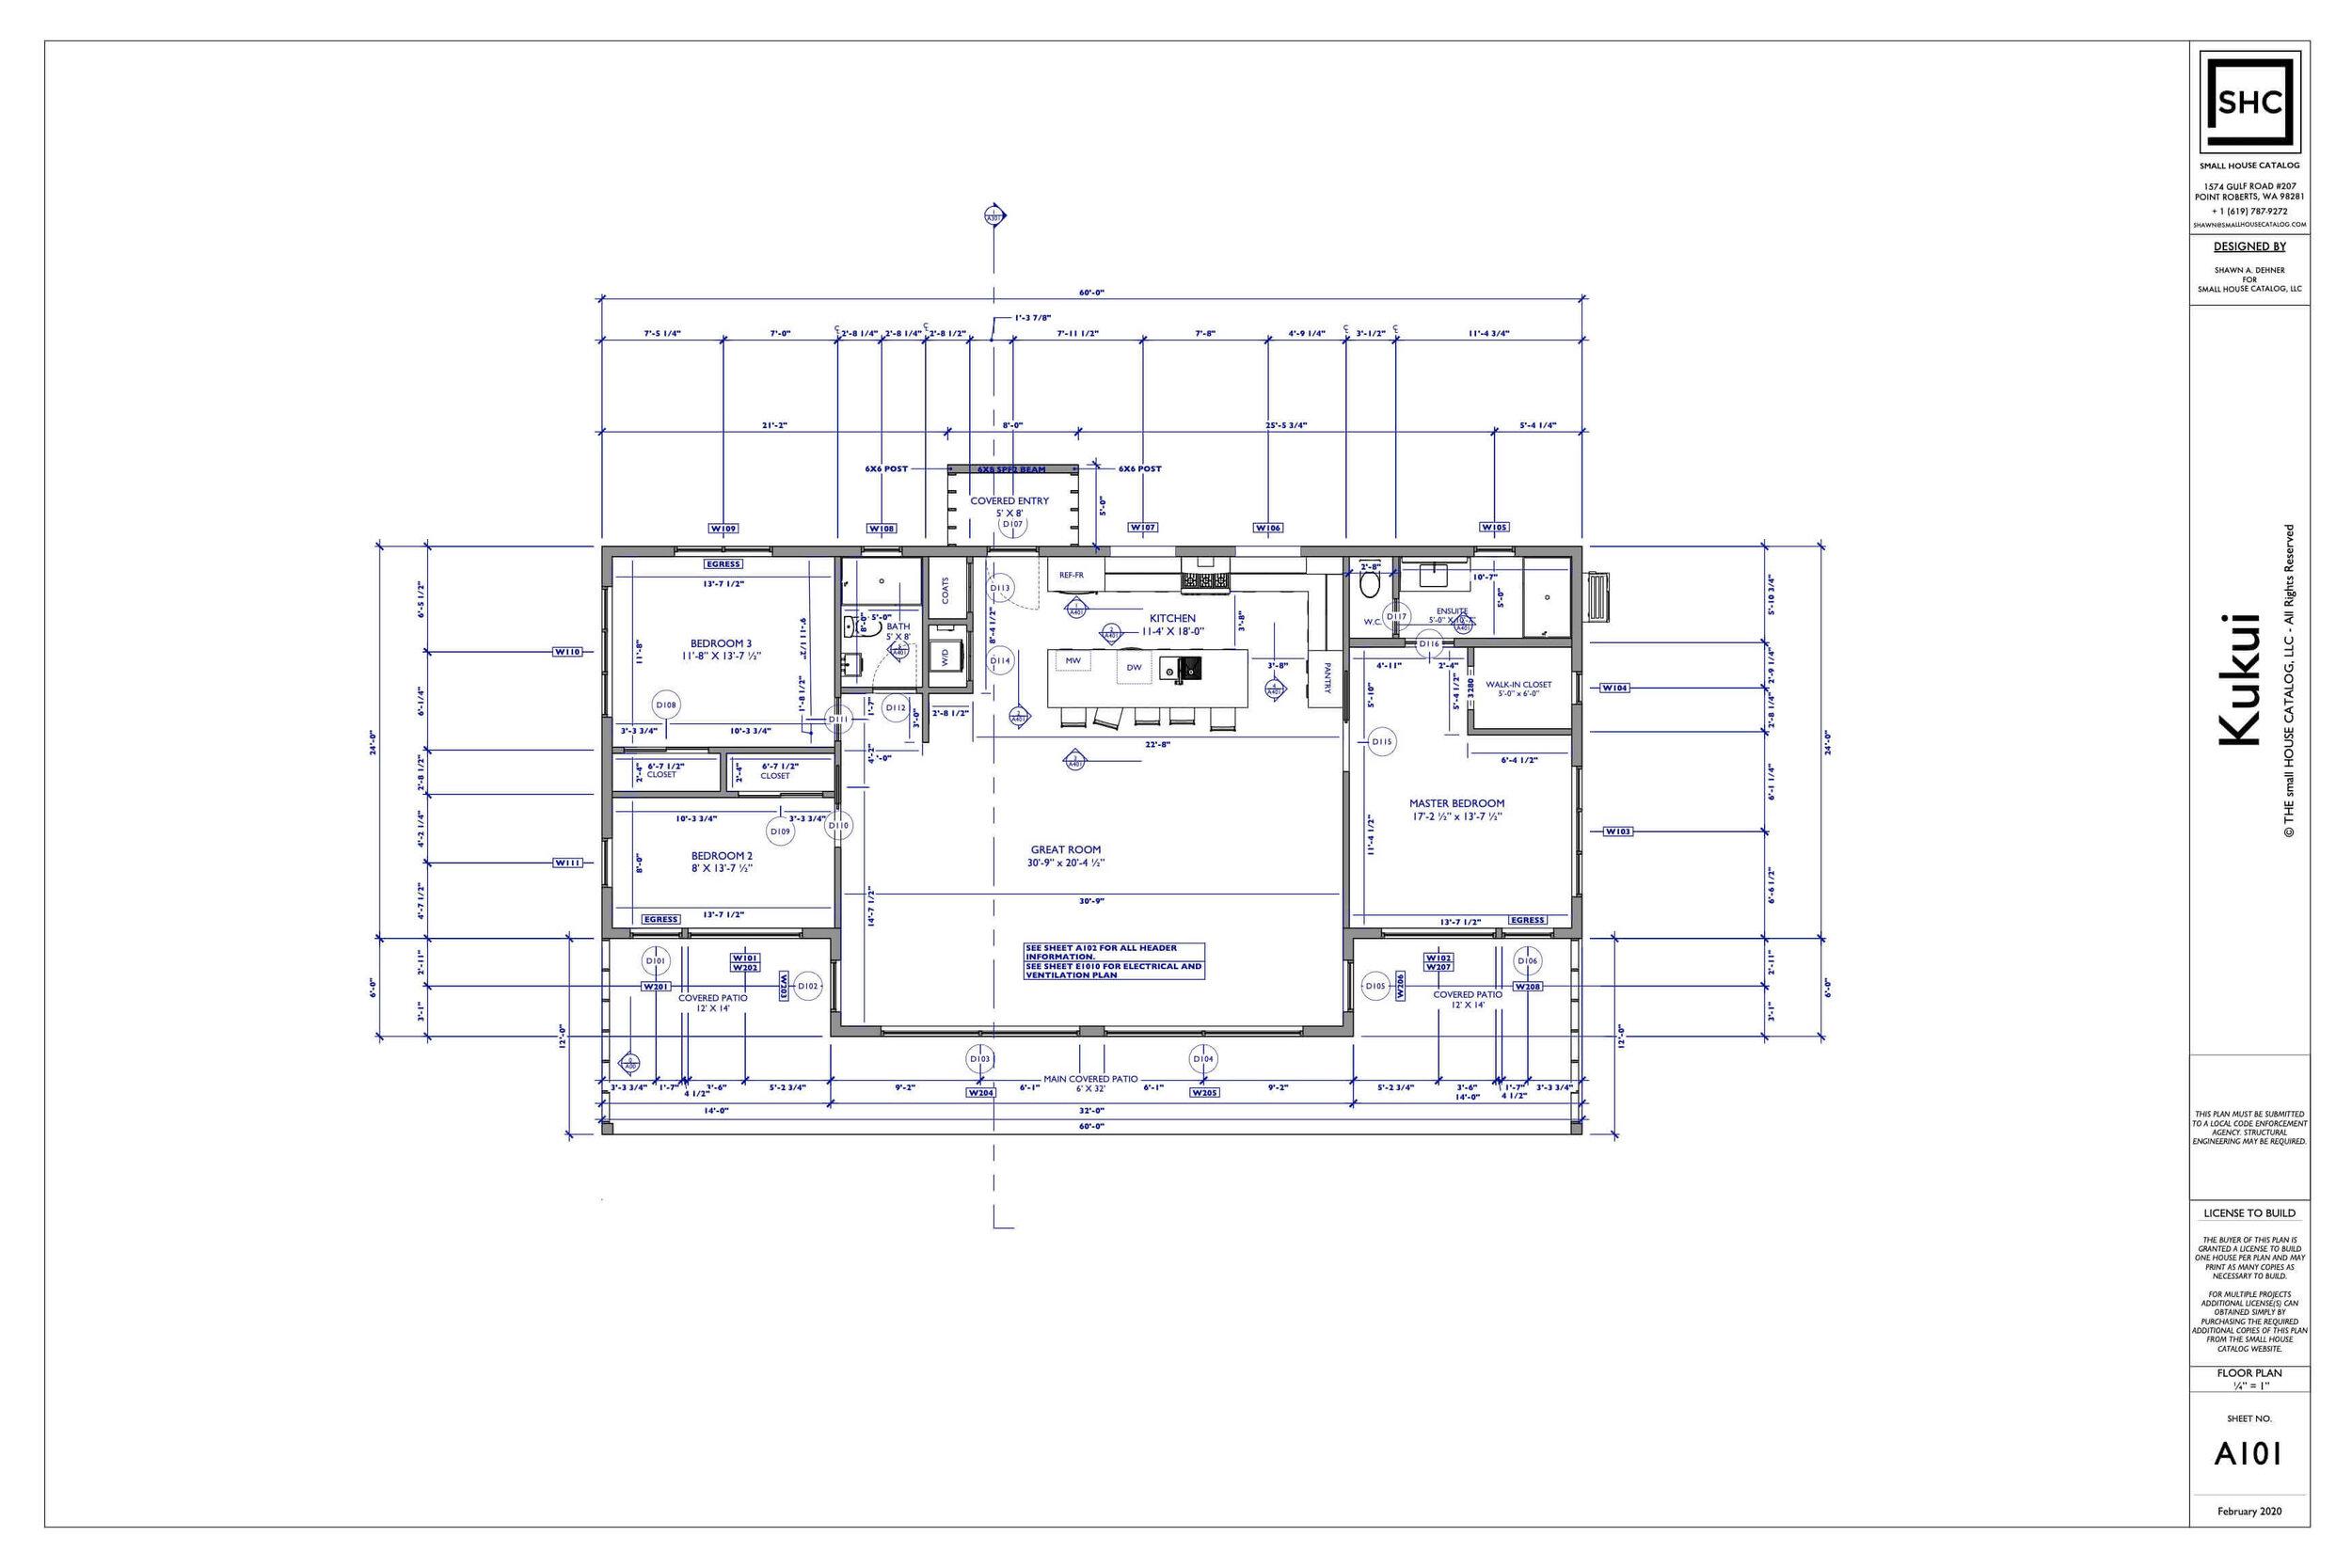 Residential Plumbing Drawing Plan